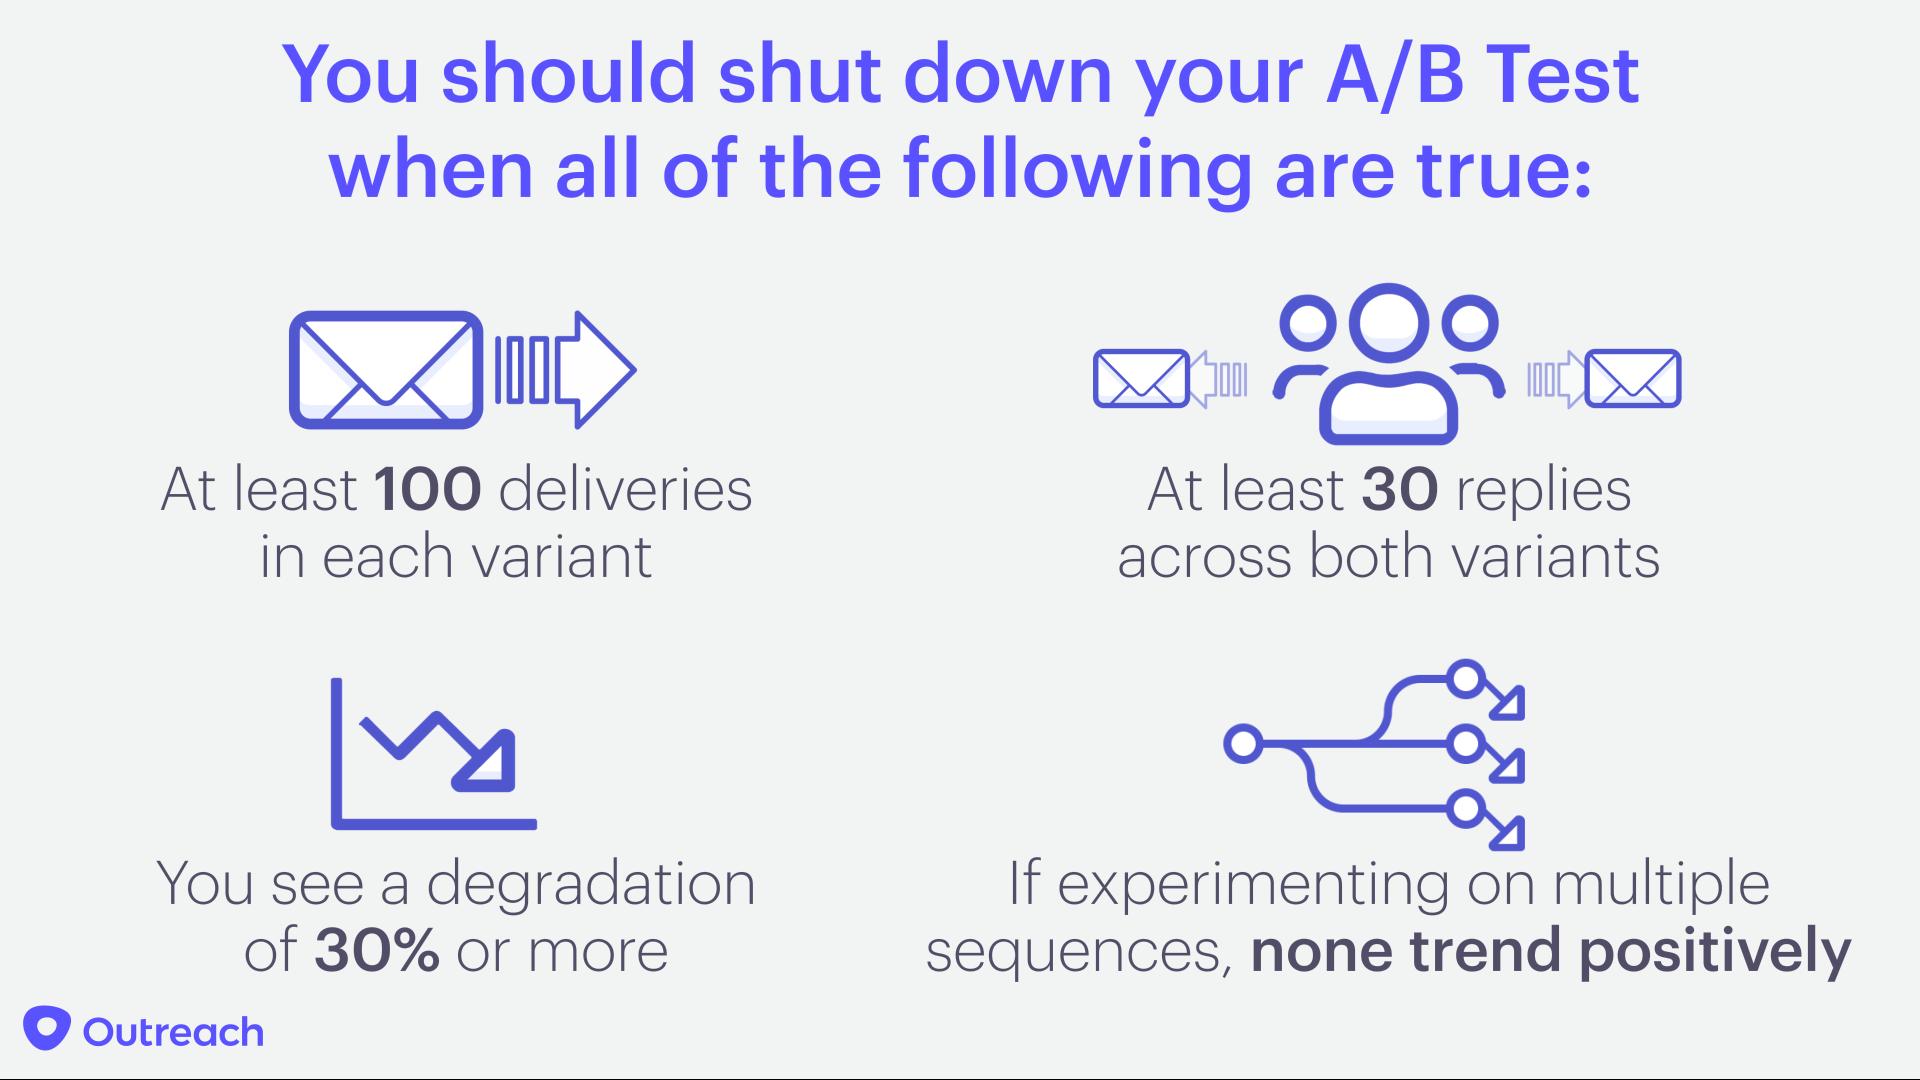 Shut Down Ab Test